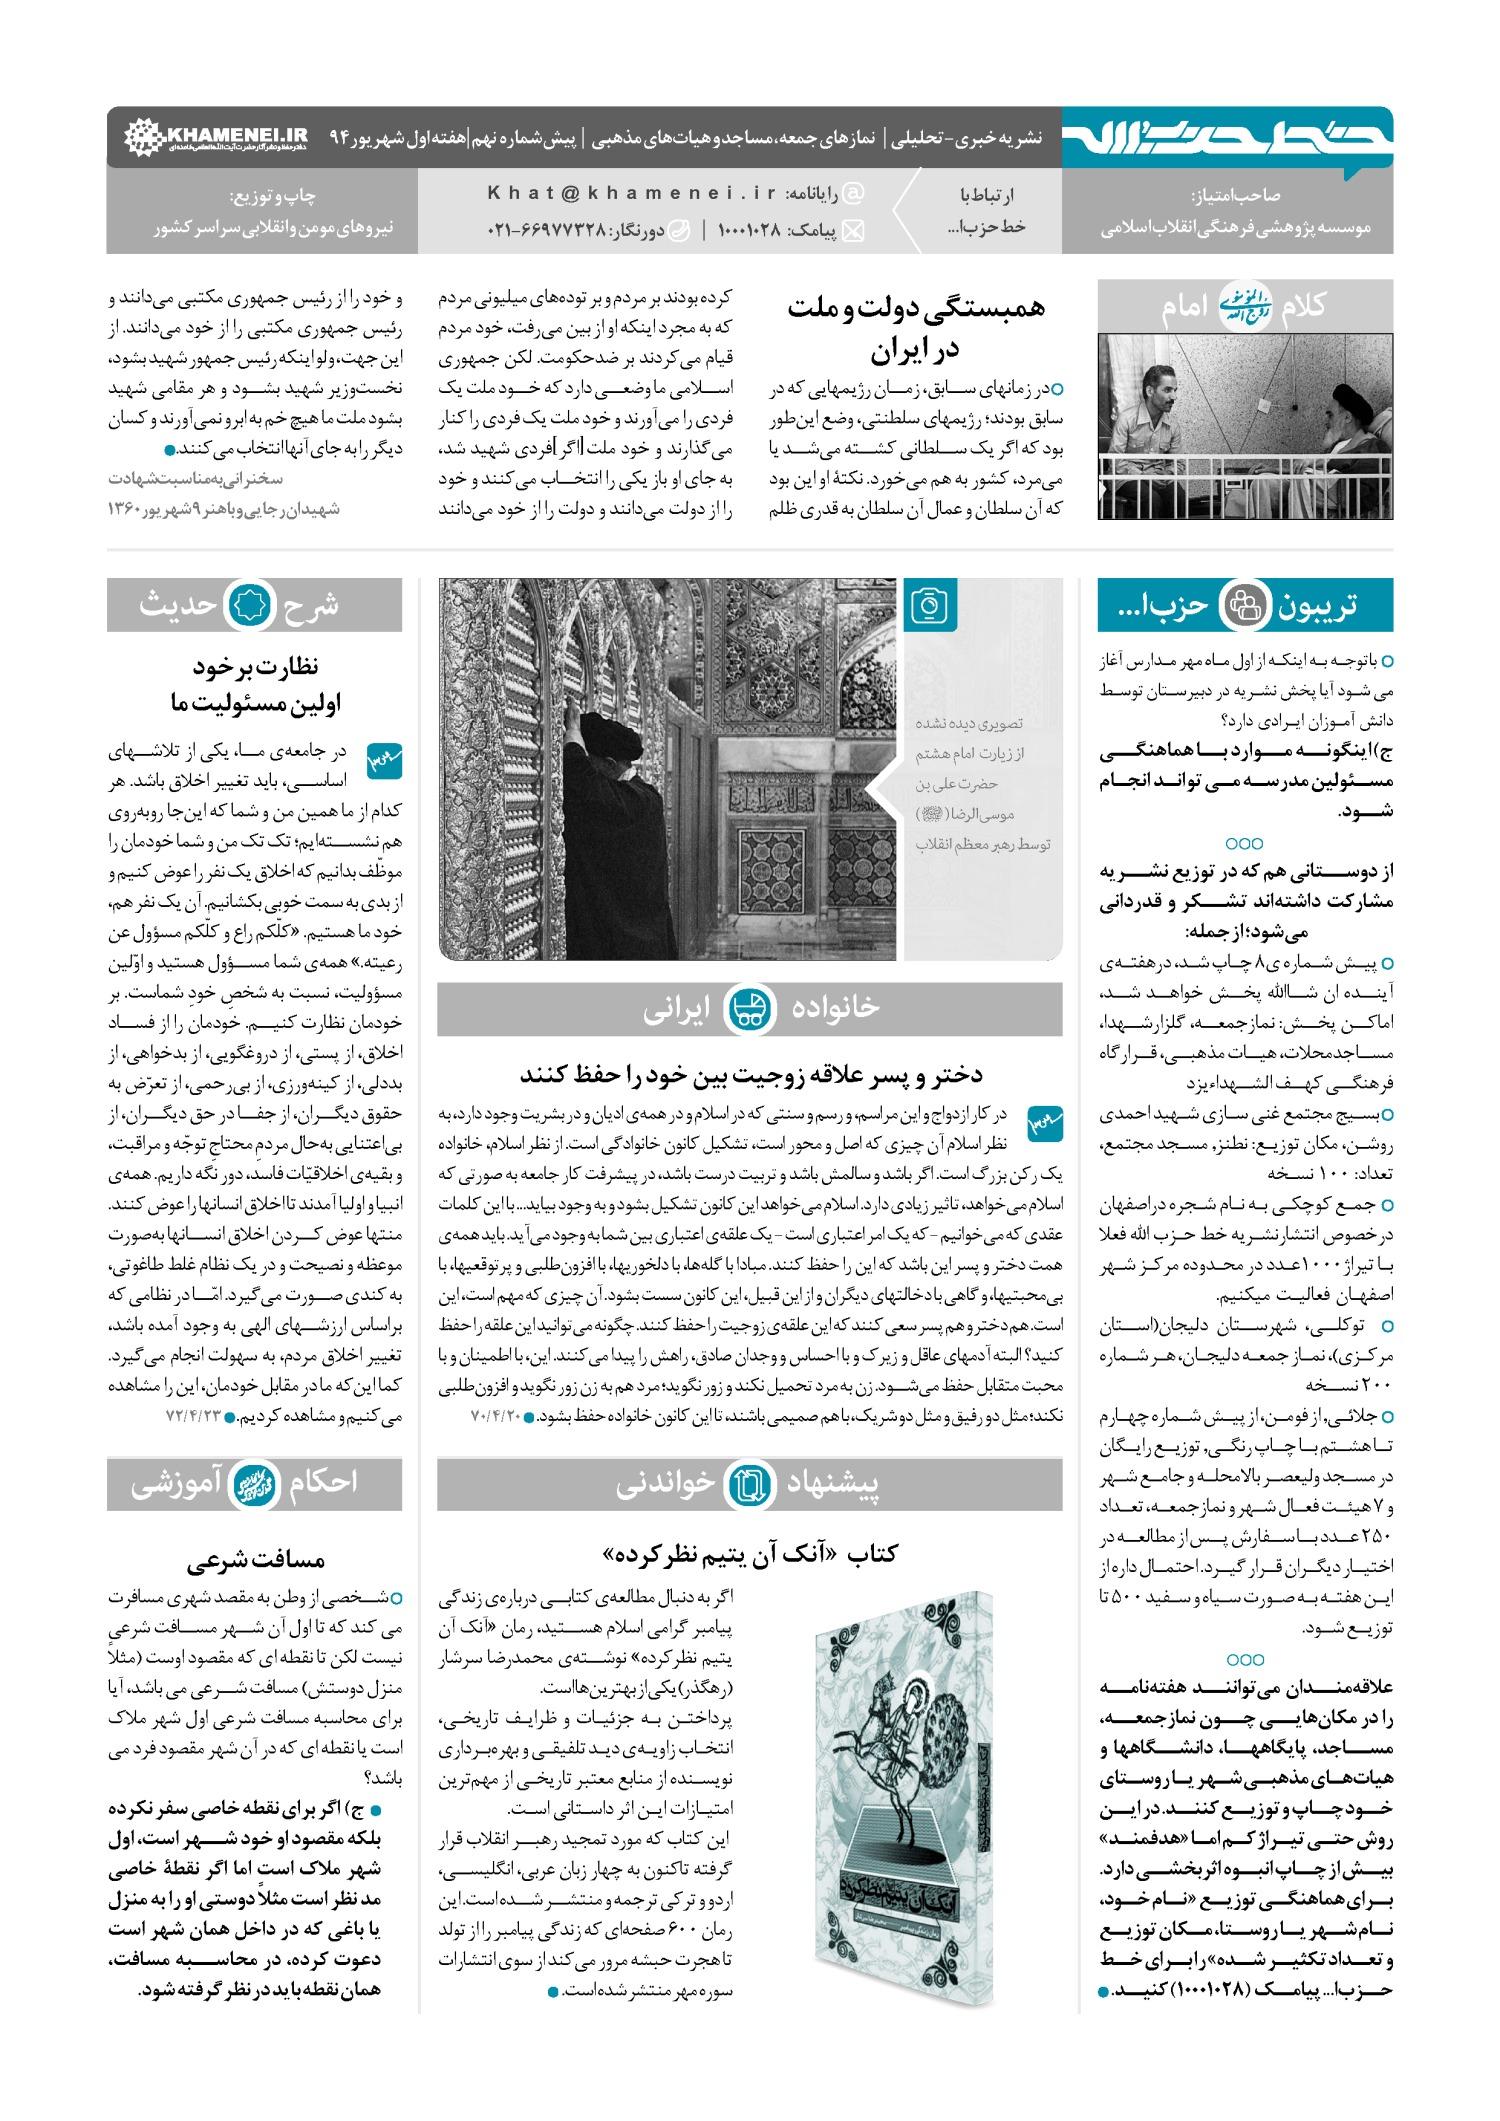 خط حزب الله -شماره پنجم خط حزب الله -پیش شماره نهم page large 414